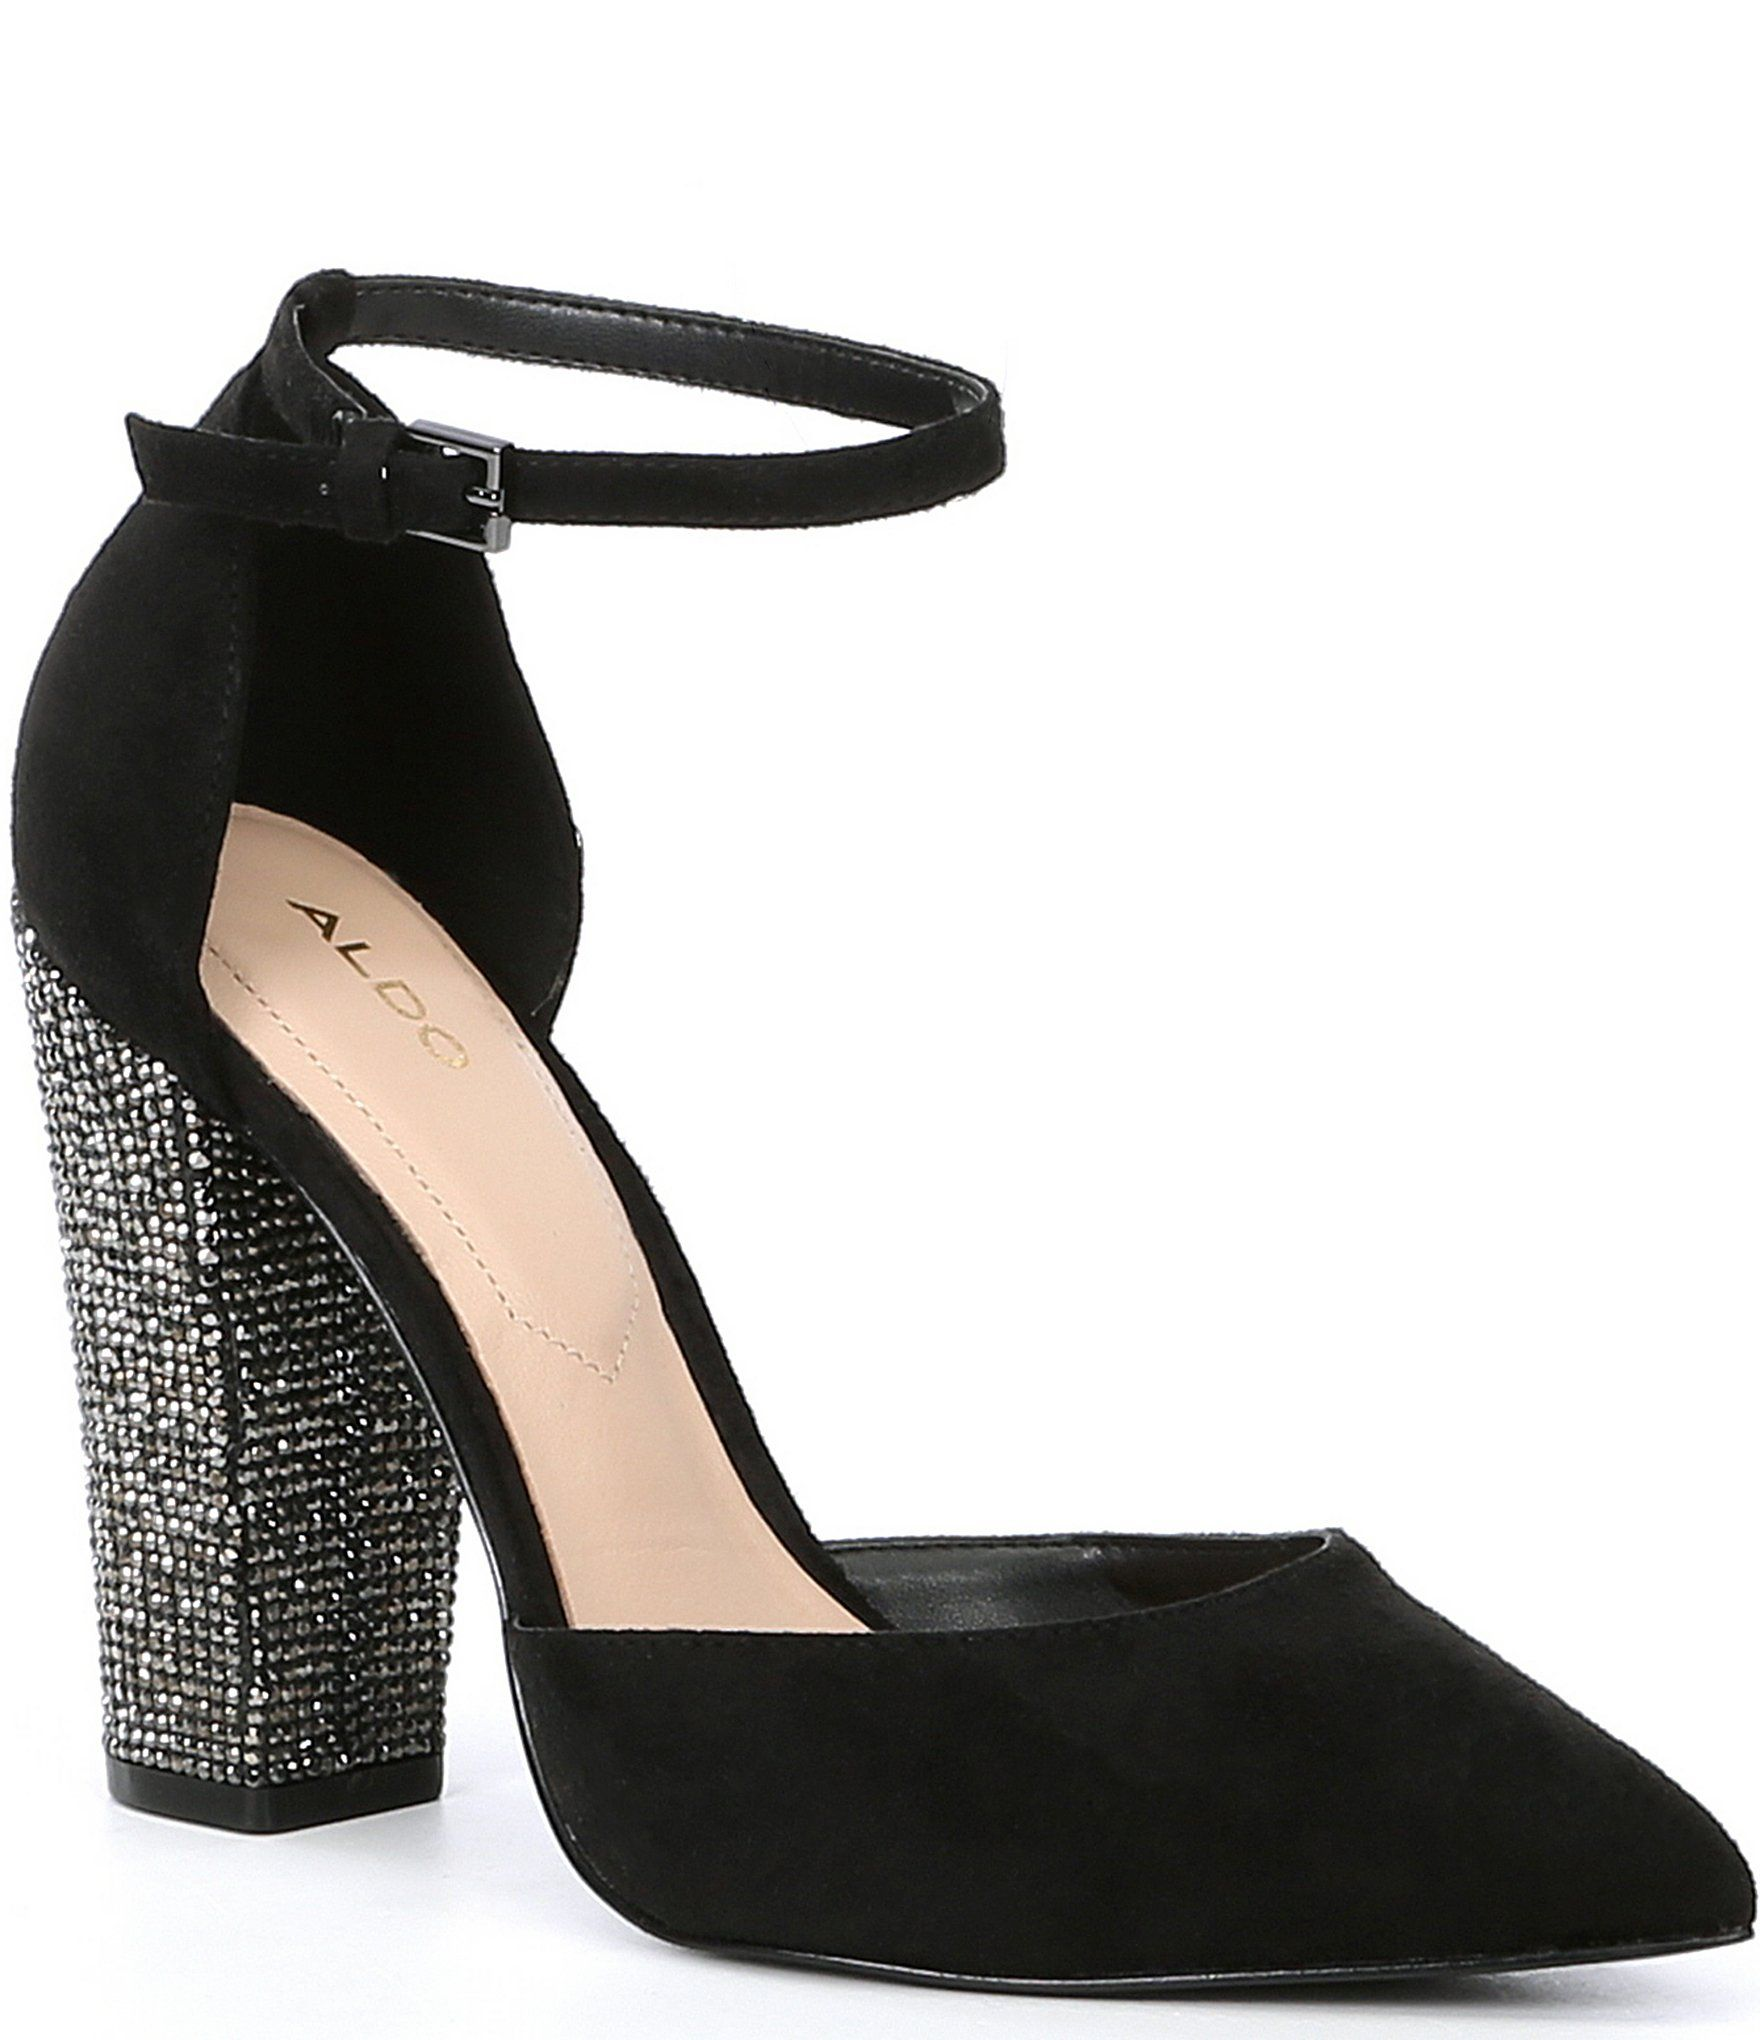 Pointed toe block heel